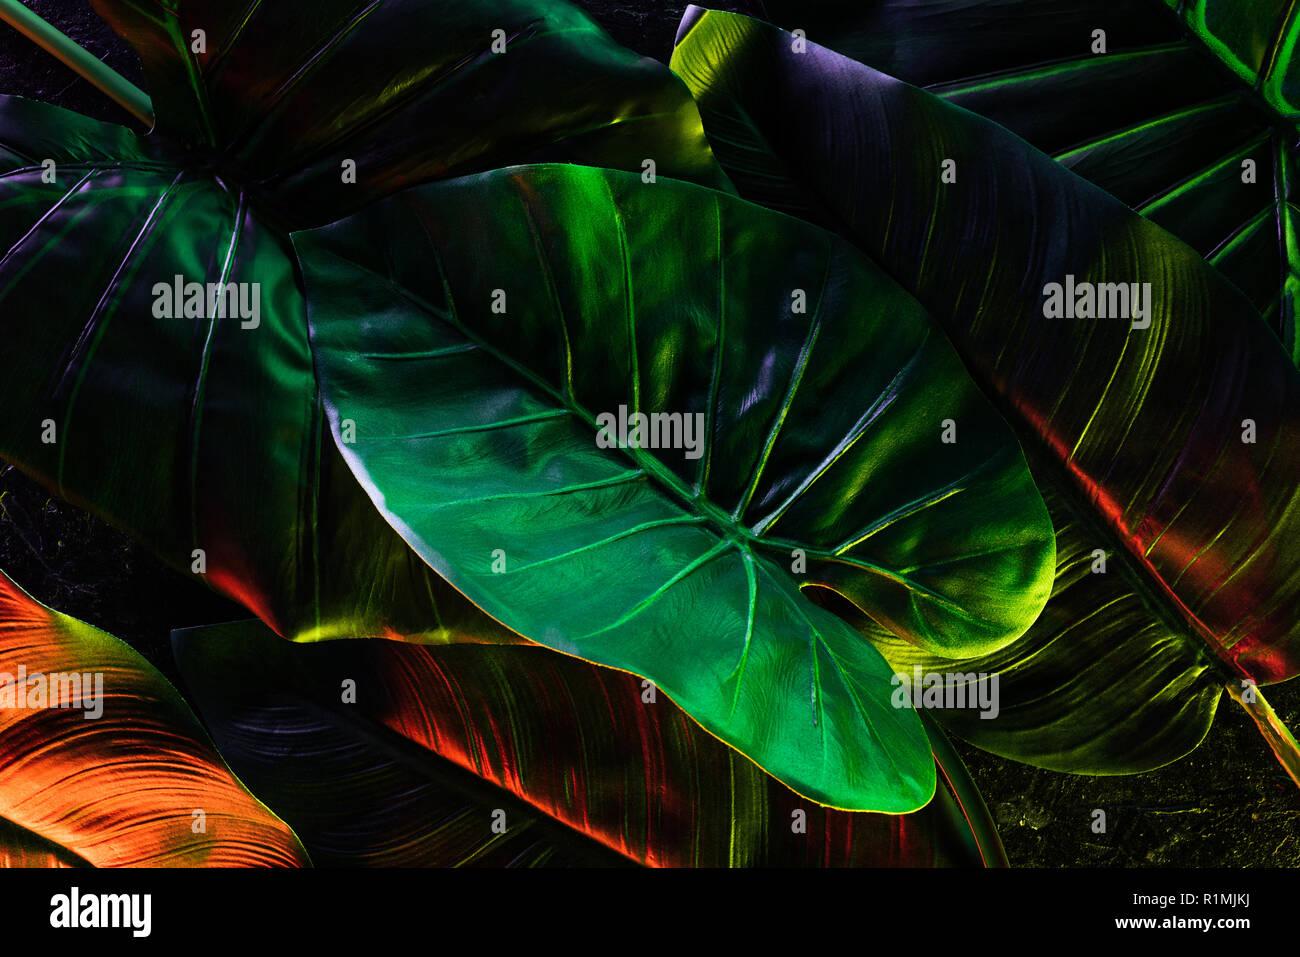 Full Frame Bild Der Schonen Palmen Blatter Mit Roten Und Grunen